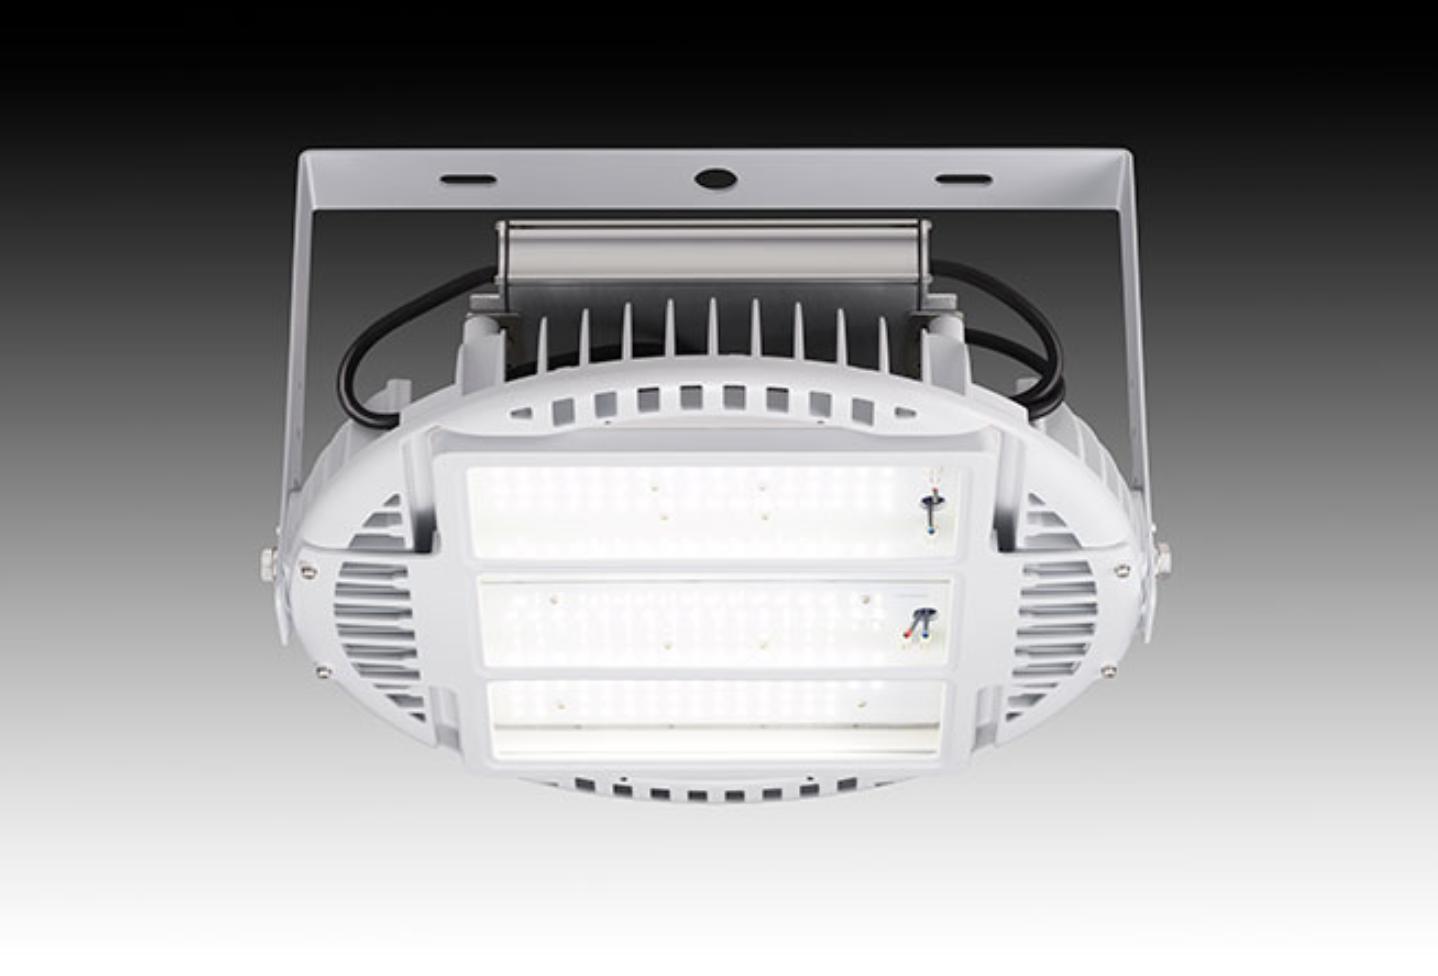 【岩崎電気】工場などのオイルミスト環境と高温70℃環境に対応するLED高天井用照明器具 『LEDioc HIGH-BAY θ+(レディオック ハイベイ シータ プラス) 高温・オイルミスト対応形』の画像